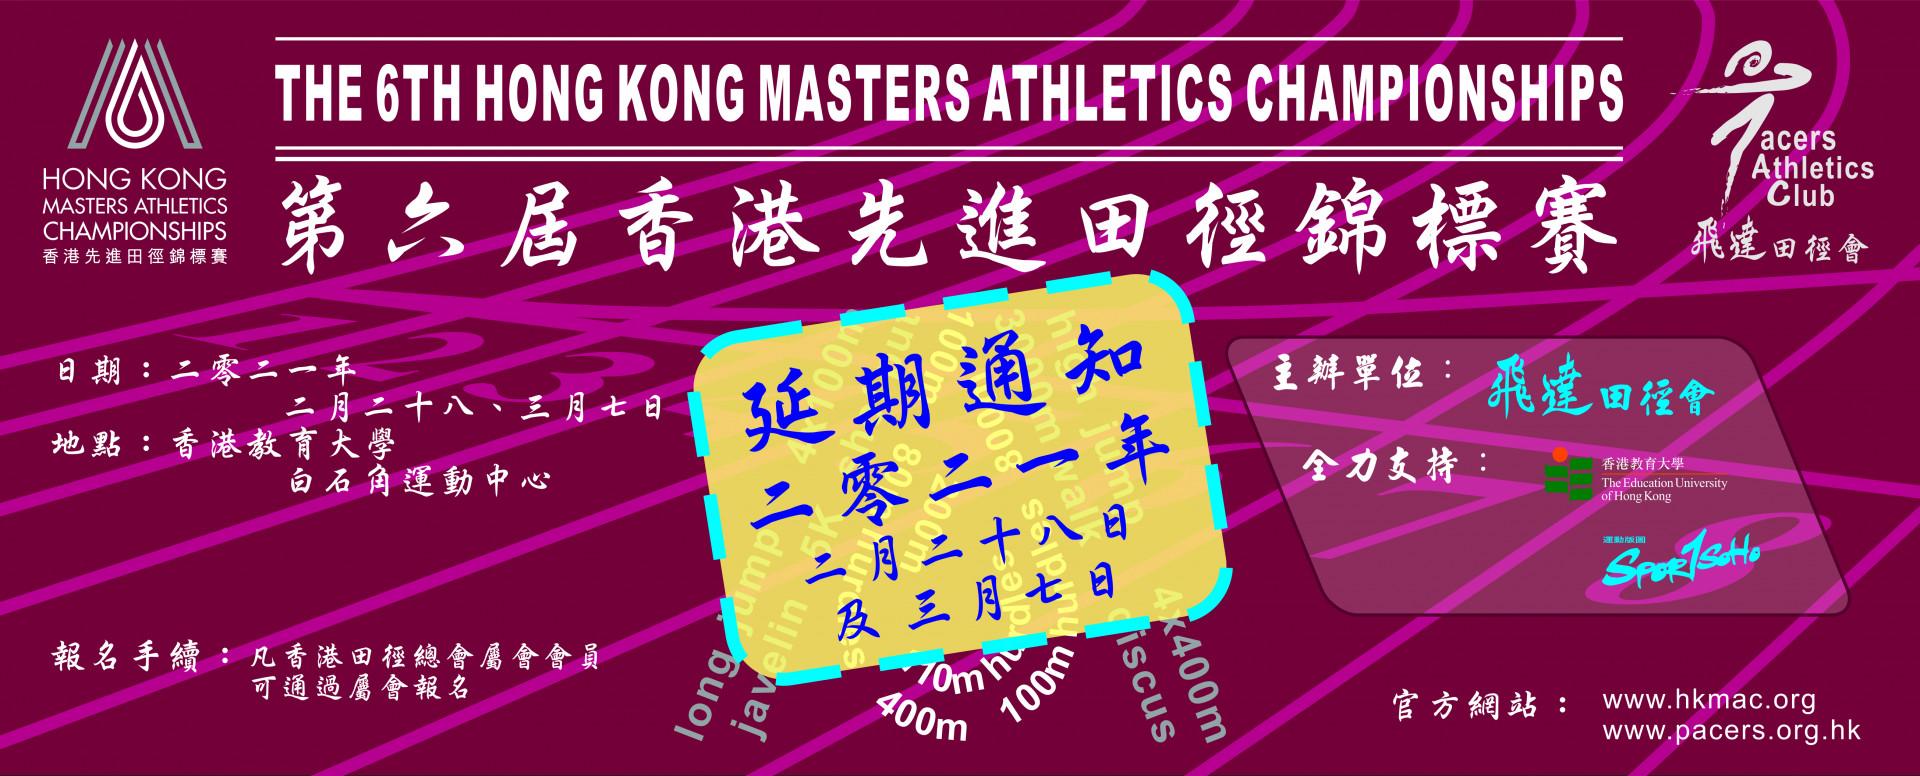 第六屆香港先進田徑錦標賽 (已延期) THE 6th HONG KONG MASTERS ATHLETICS CHAMPIONSHIPS (Postponed)